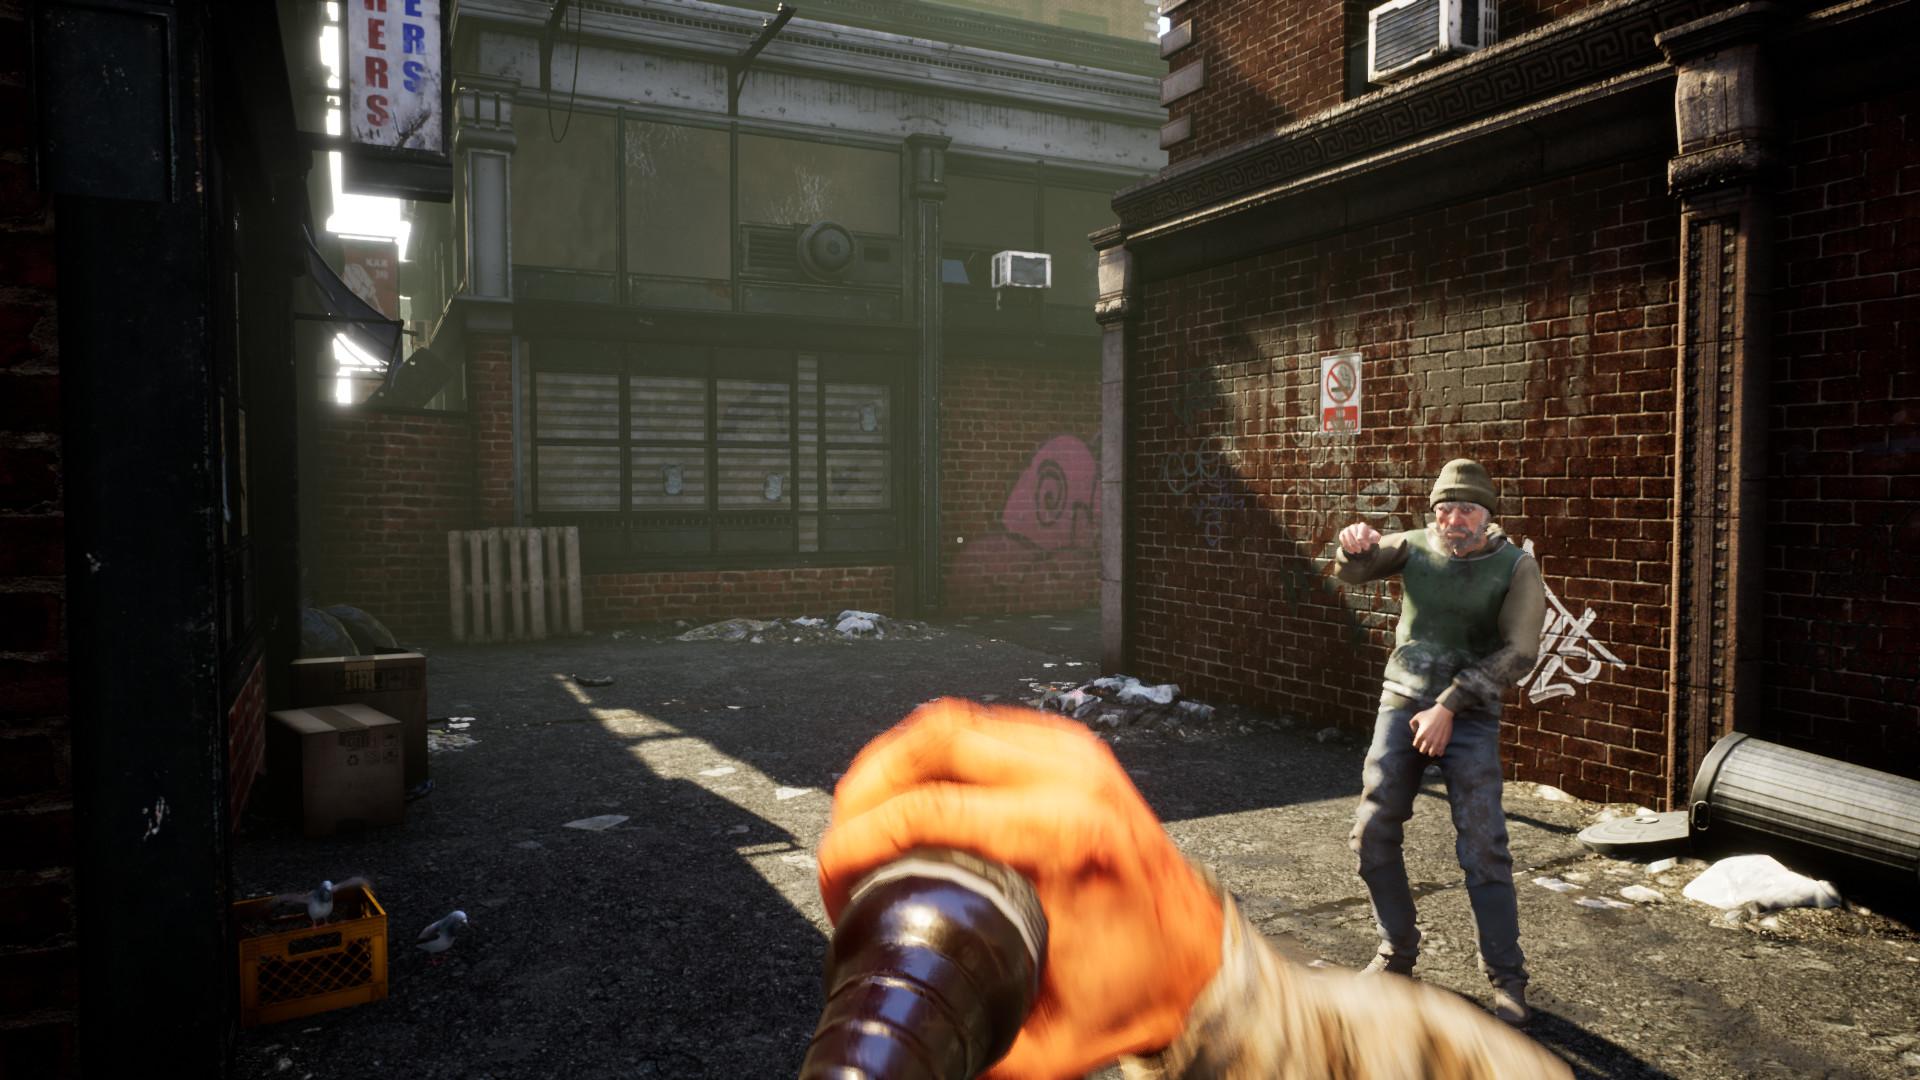 Gameplay-Screenshot zu Bum Simulator #4. Bilderquelle: PlayWay S.A